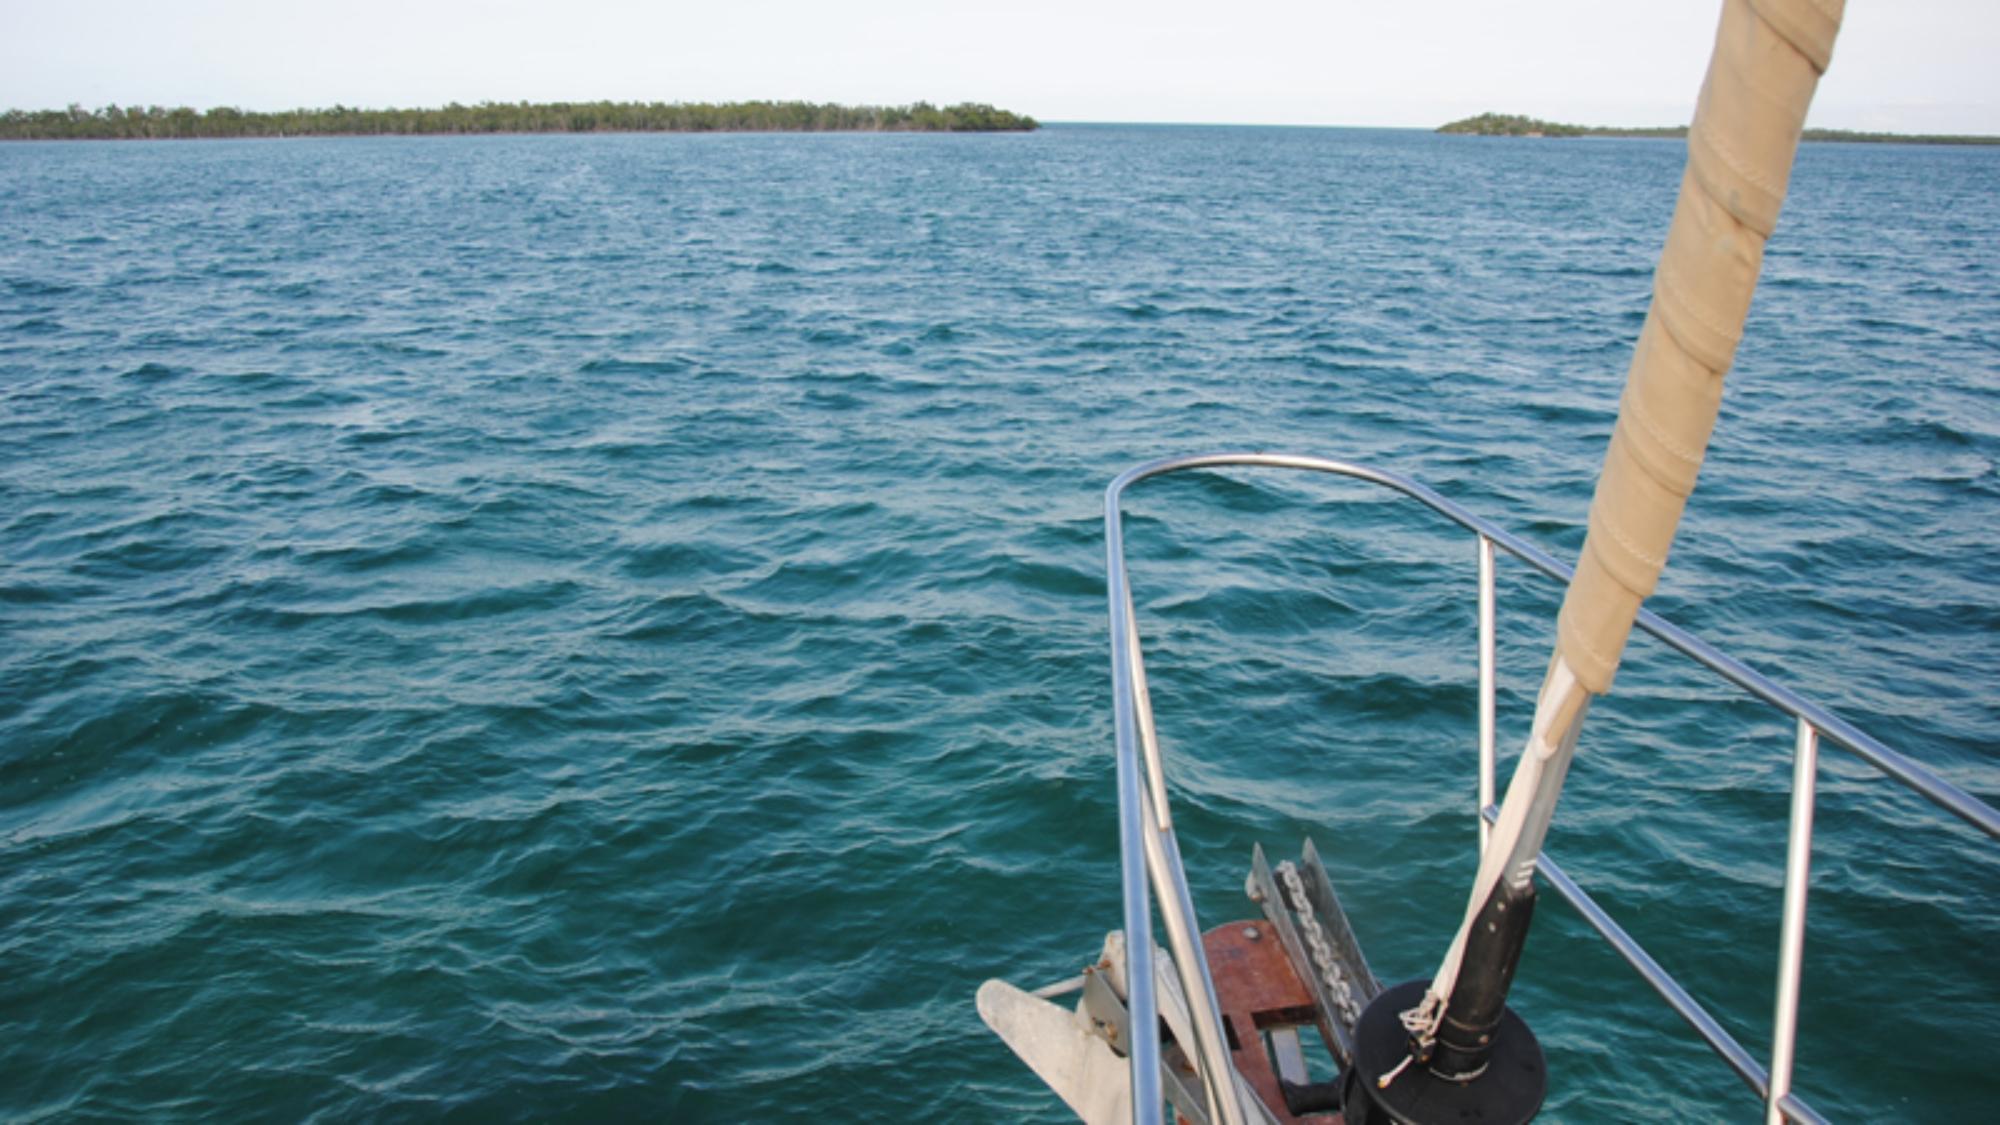 Entering fishing camp